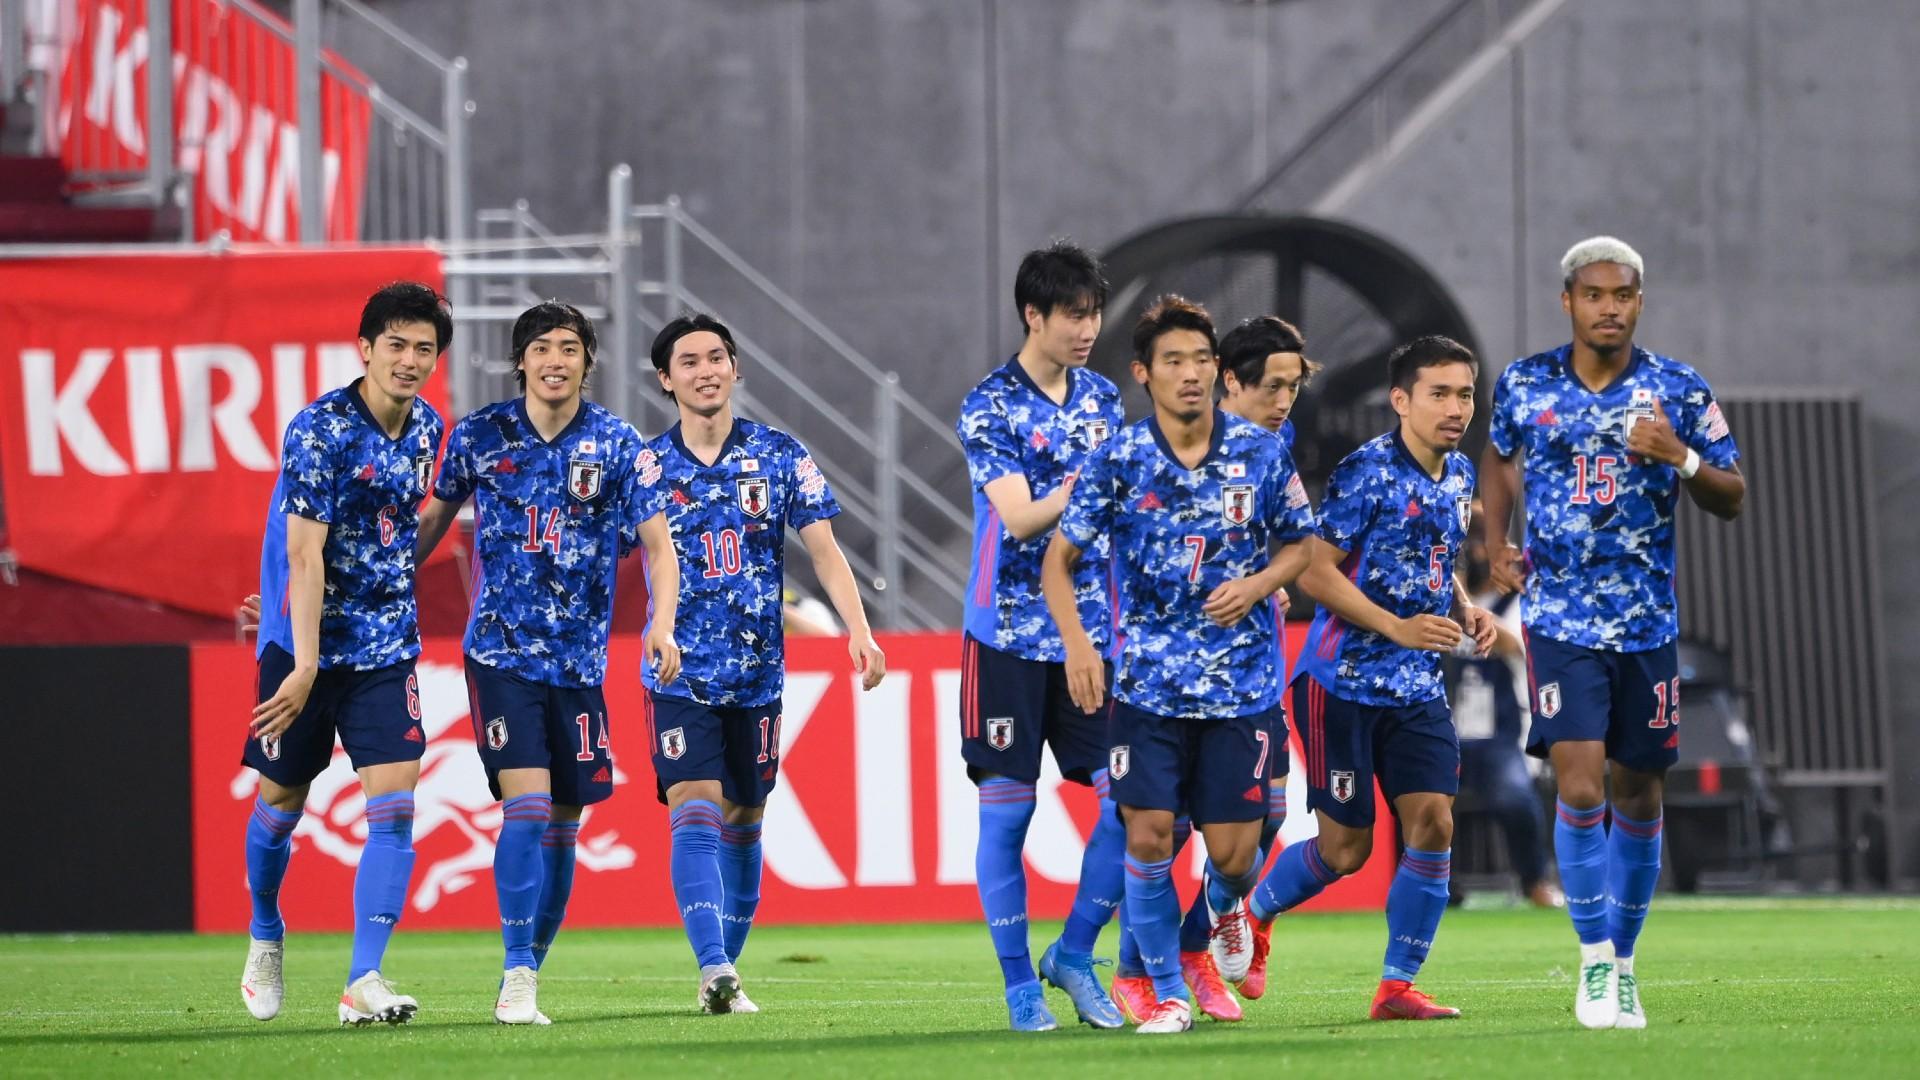 【きょうのスポーツ】日本代表が伊東純也のゴールでセルビア代表に勝利|サッカー日本代表